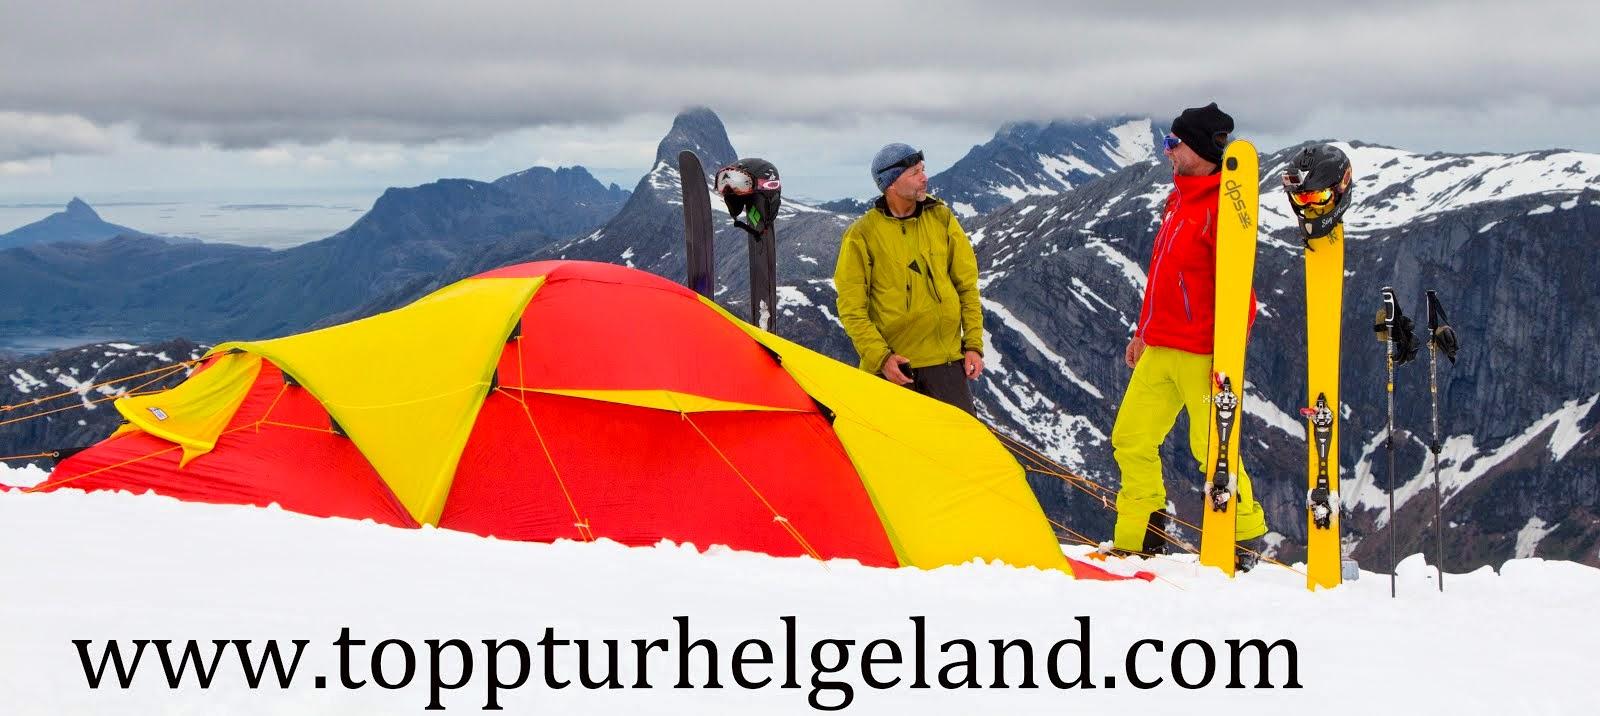 www.toppturhelgeland.com